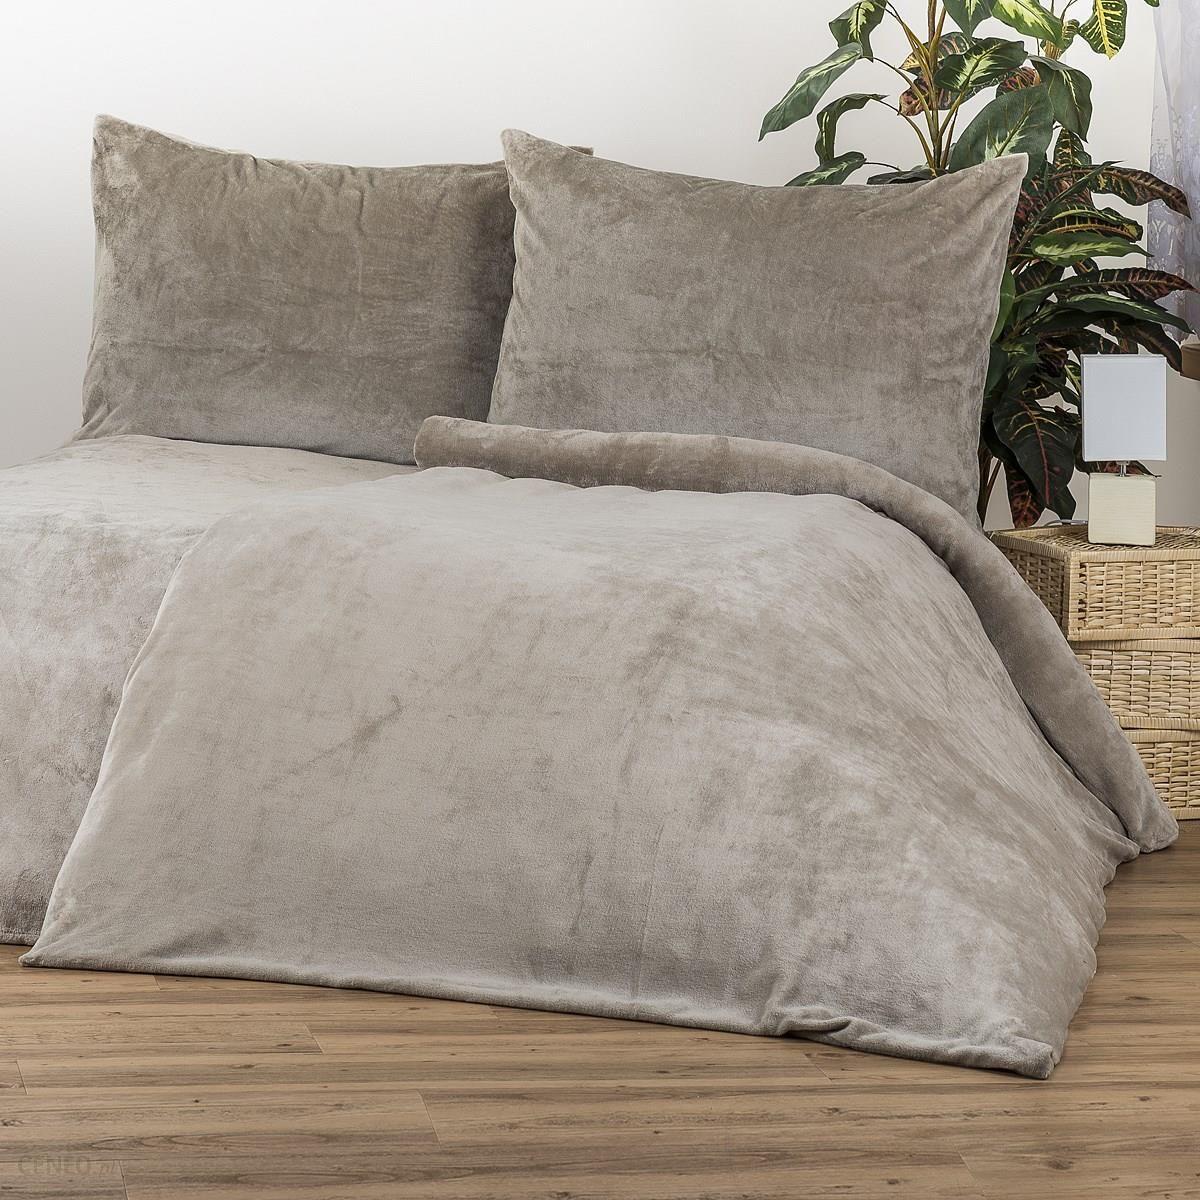 bardzo przyjemna po ciel z mikroflaneli jest idealna w czasie ch odniejszych dni dzi ki swoim. Black Bedroom Furniture Sets. Home Design Ideas